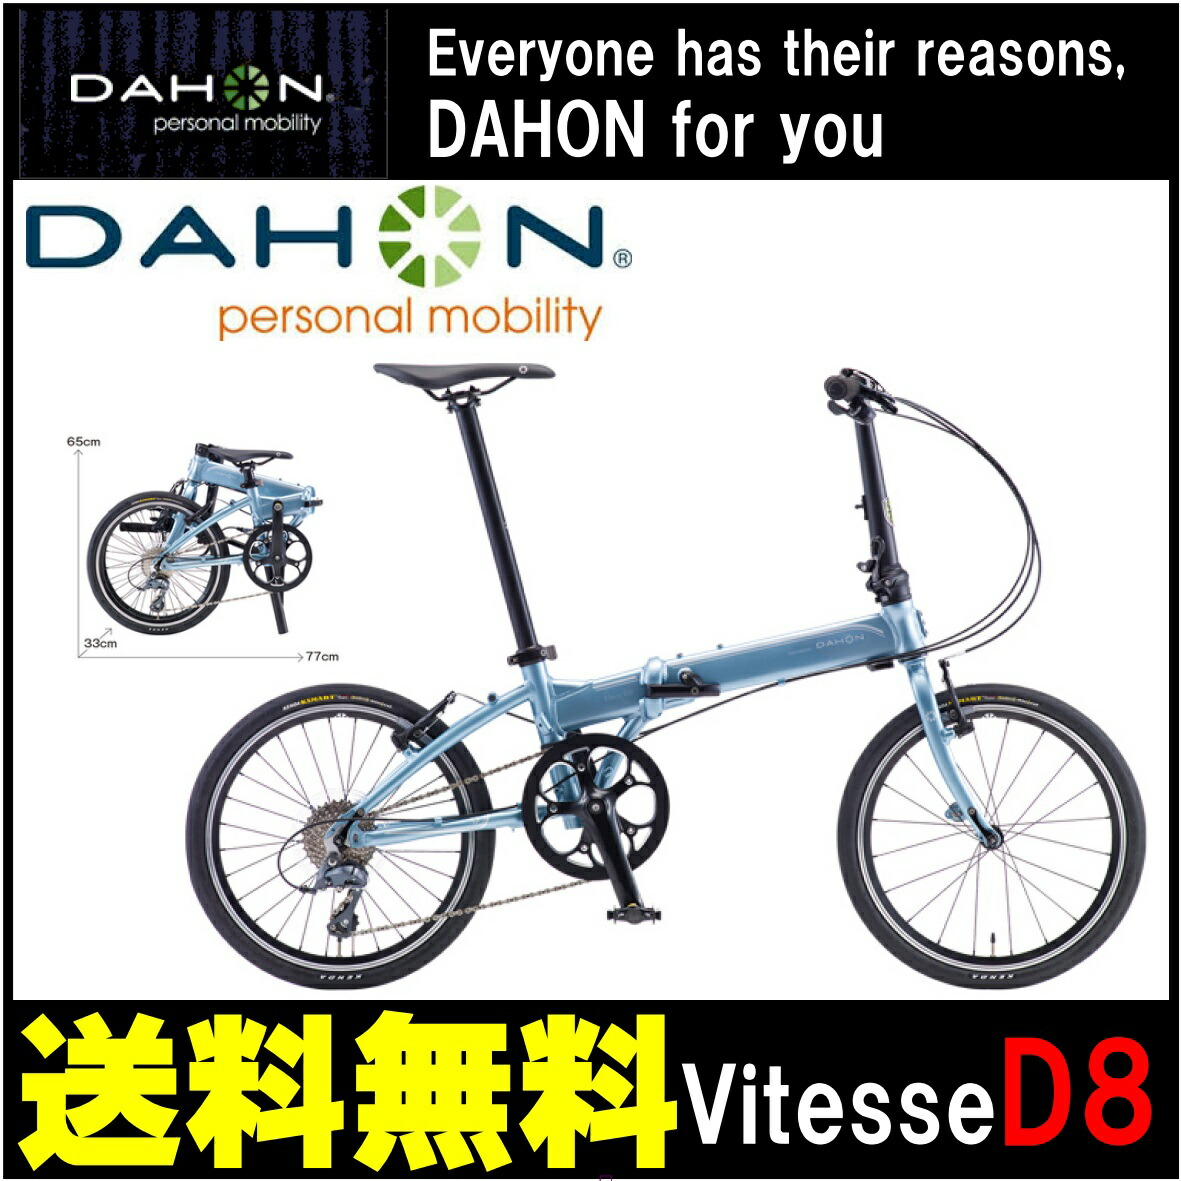 折りたたみ自転車 DAHON Vitesse D8 ダホン 自転車 スカイ ブルー 青 20インチ 折りたたみ自転車 外装8段変速ギア sky ダホン 折りたたみ自転車 DAHON ヴィテッセ D8